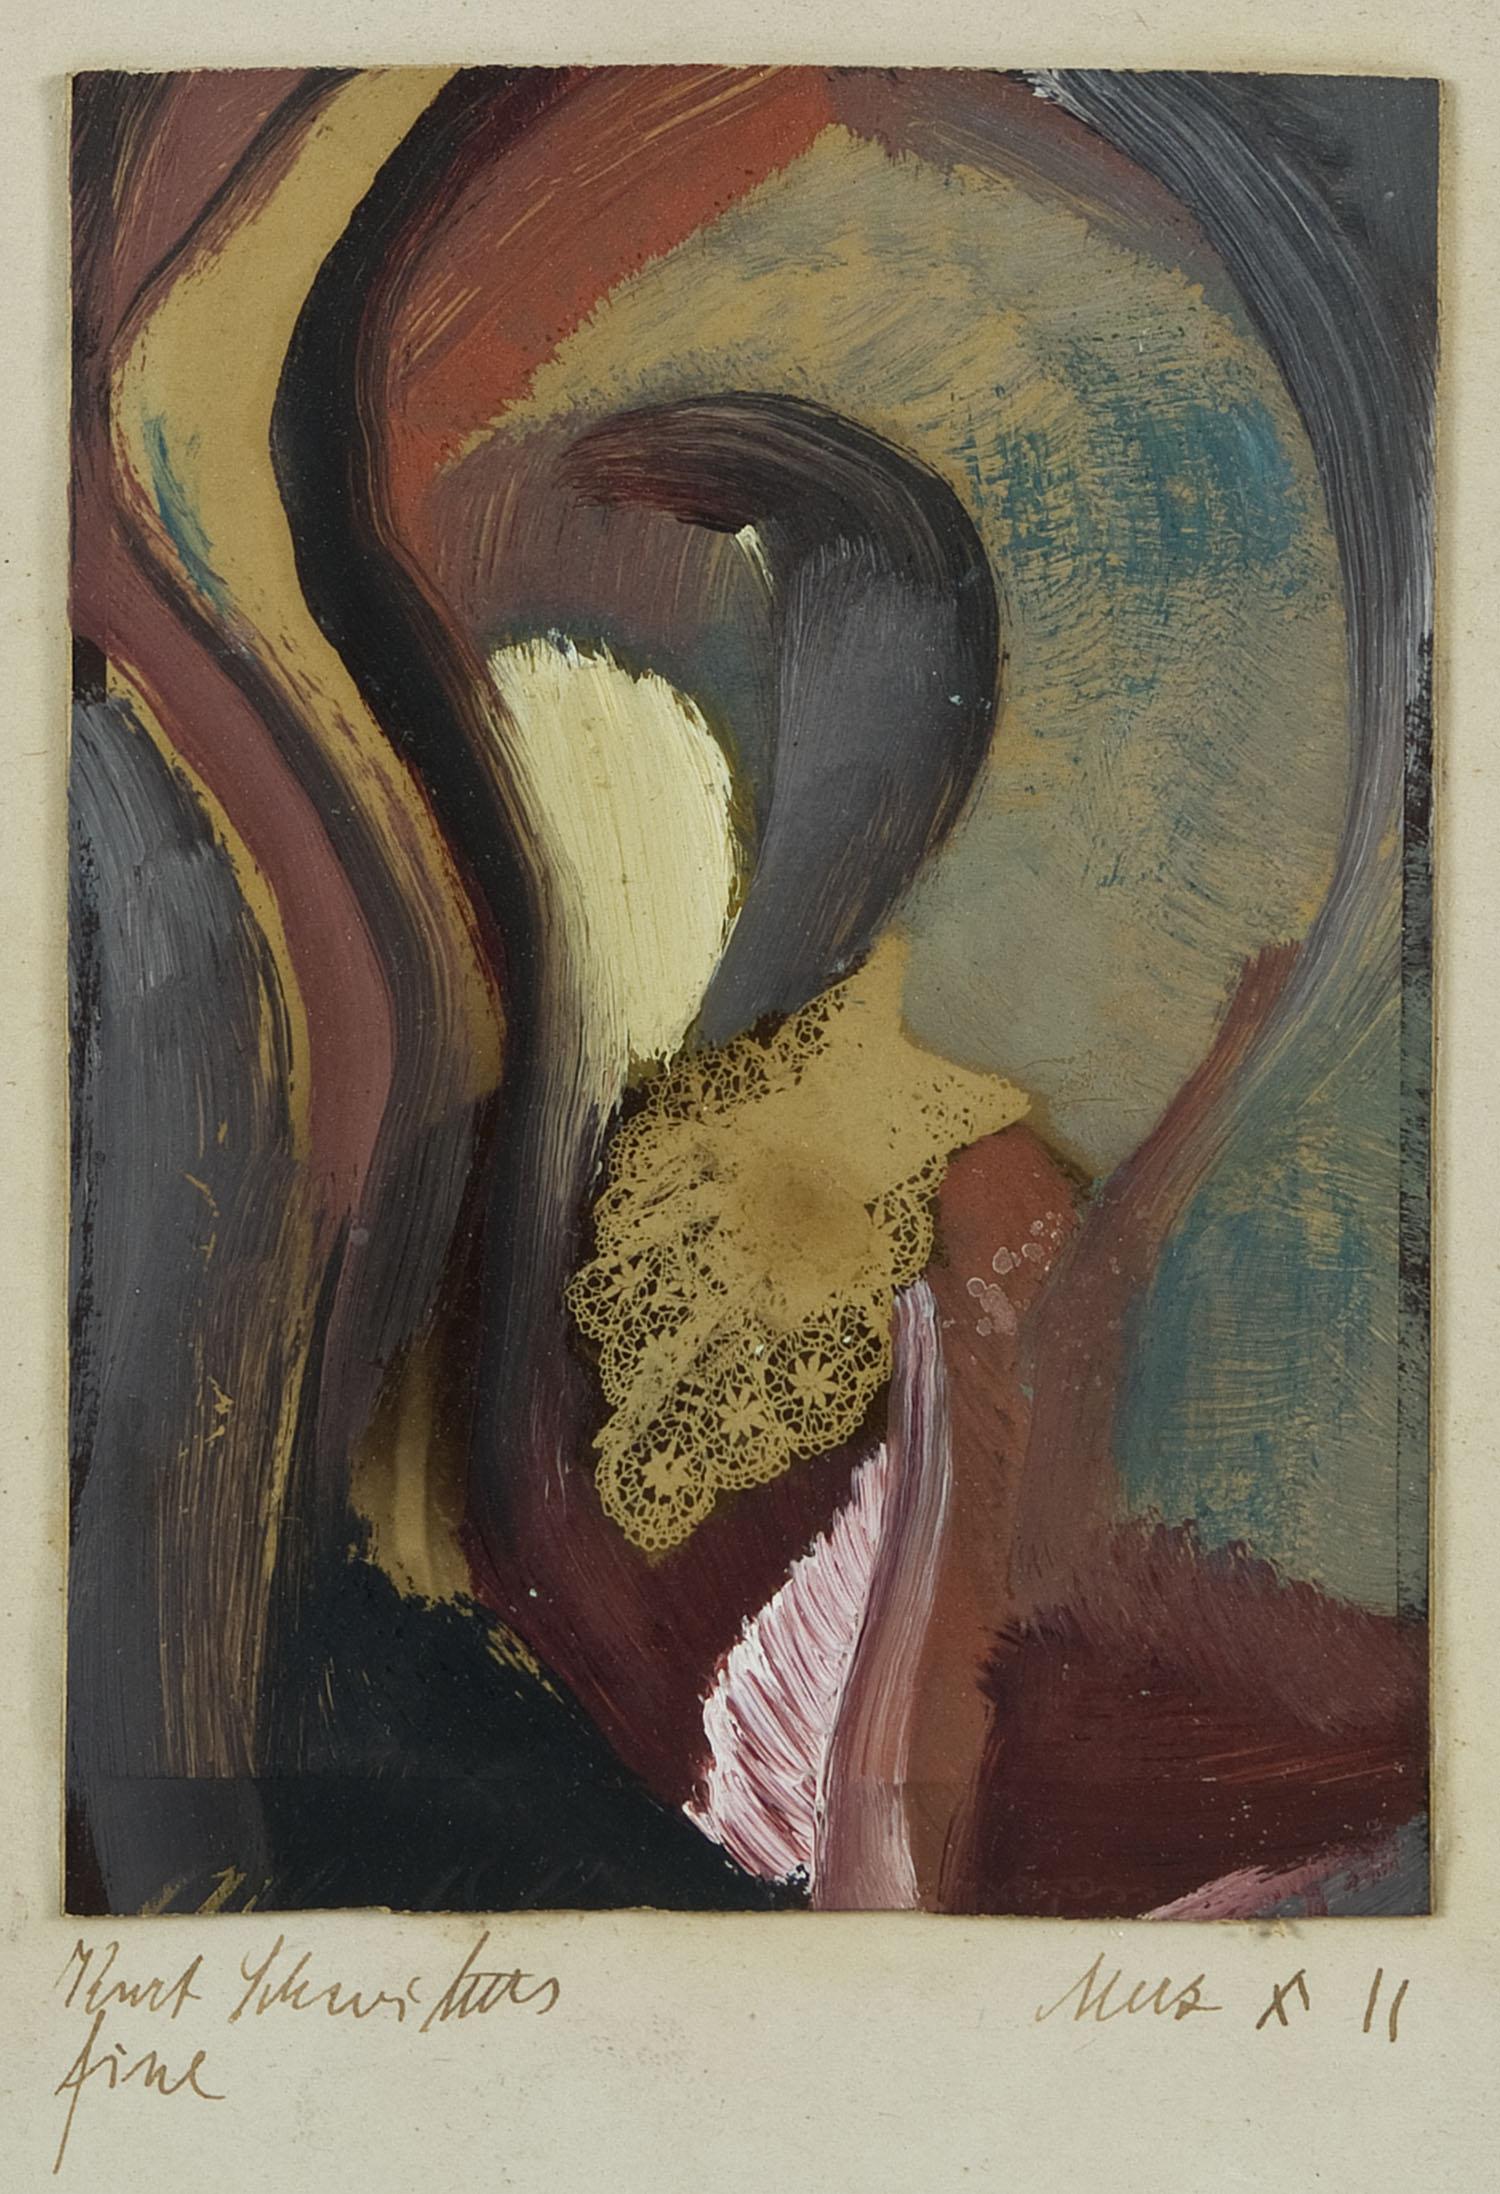 Fine | 1911 | Öl auf Leinwand auf Papier, Collage | 14 x 11 cm